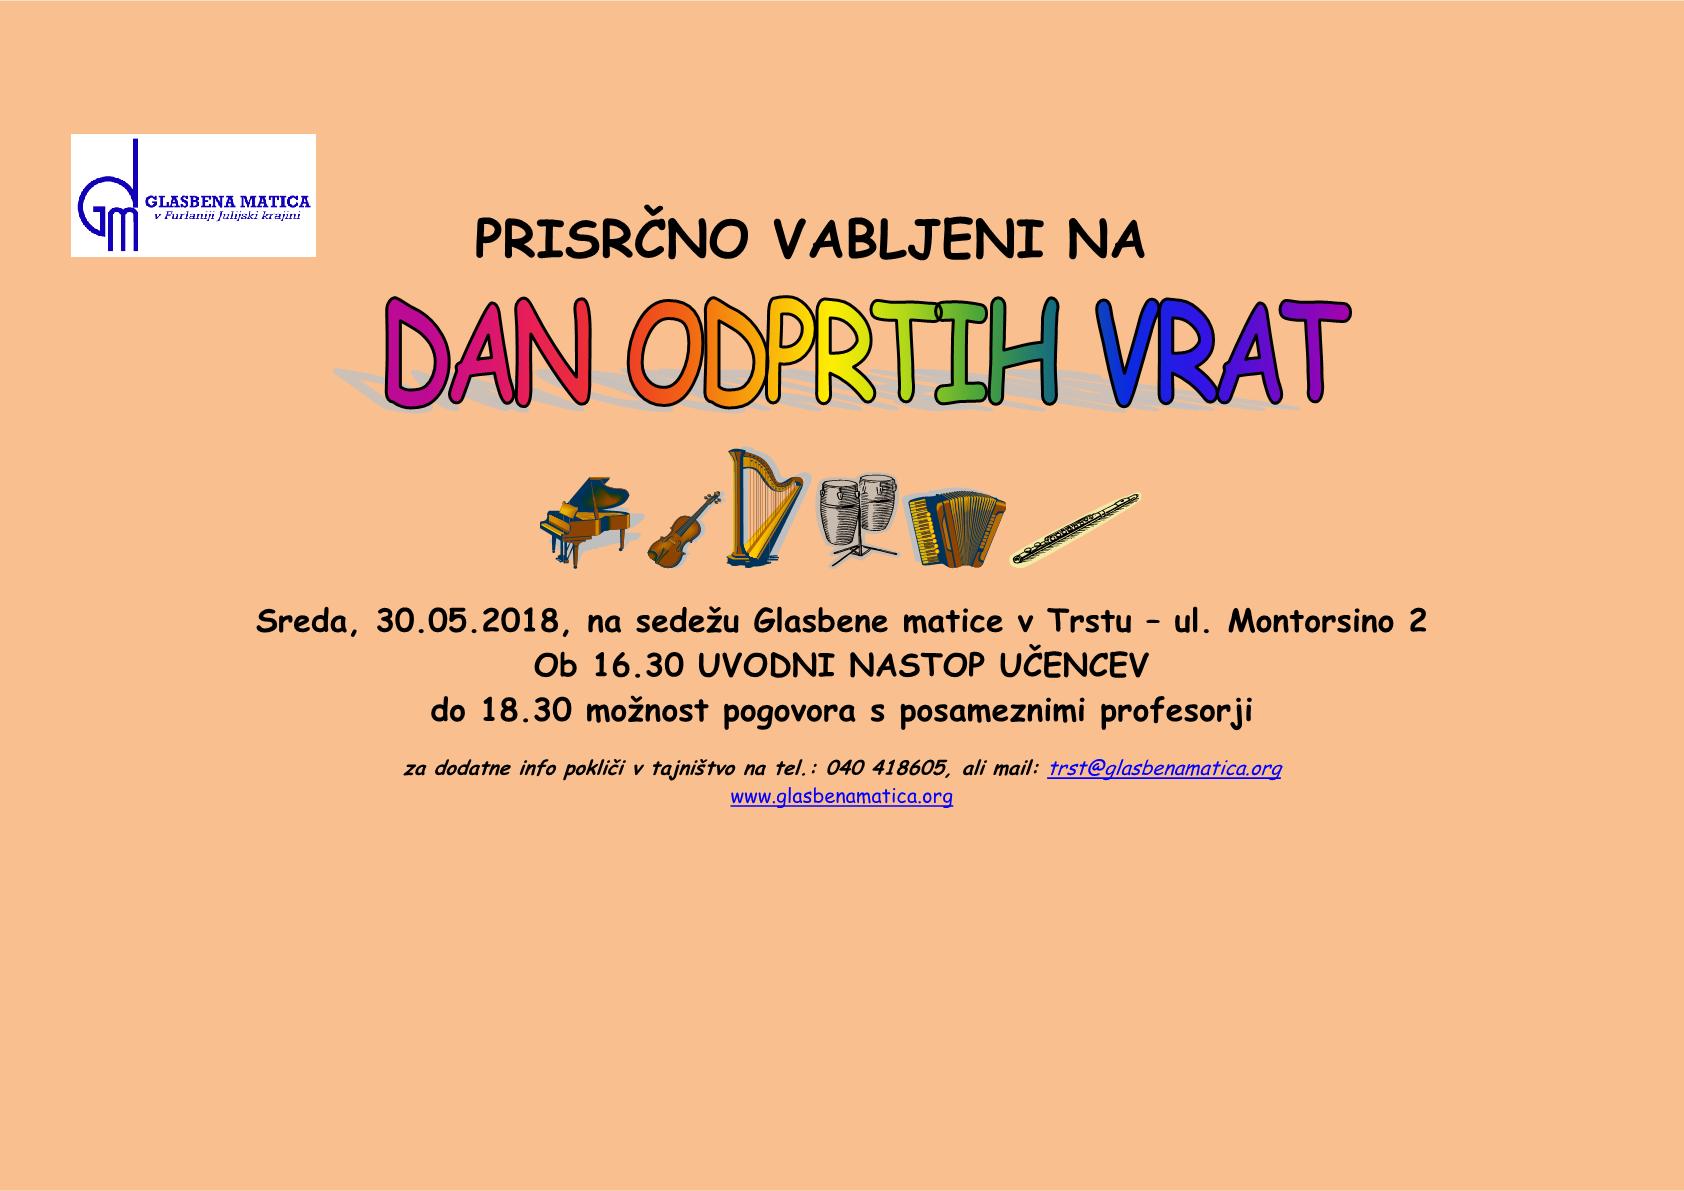 30.05.2018 ob 16.30 na sedežu Glasbene matice v Trstu